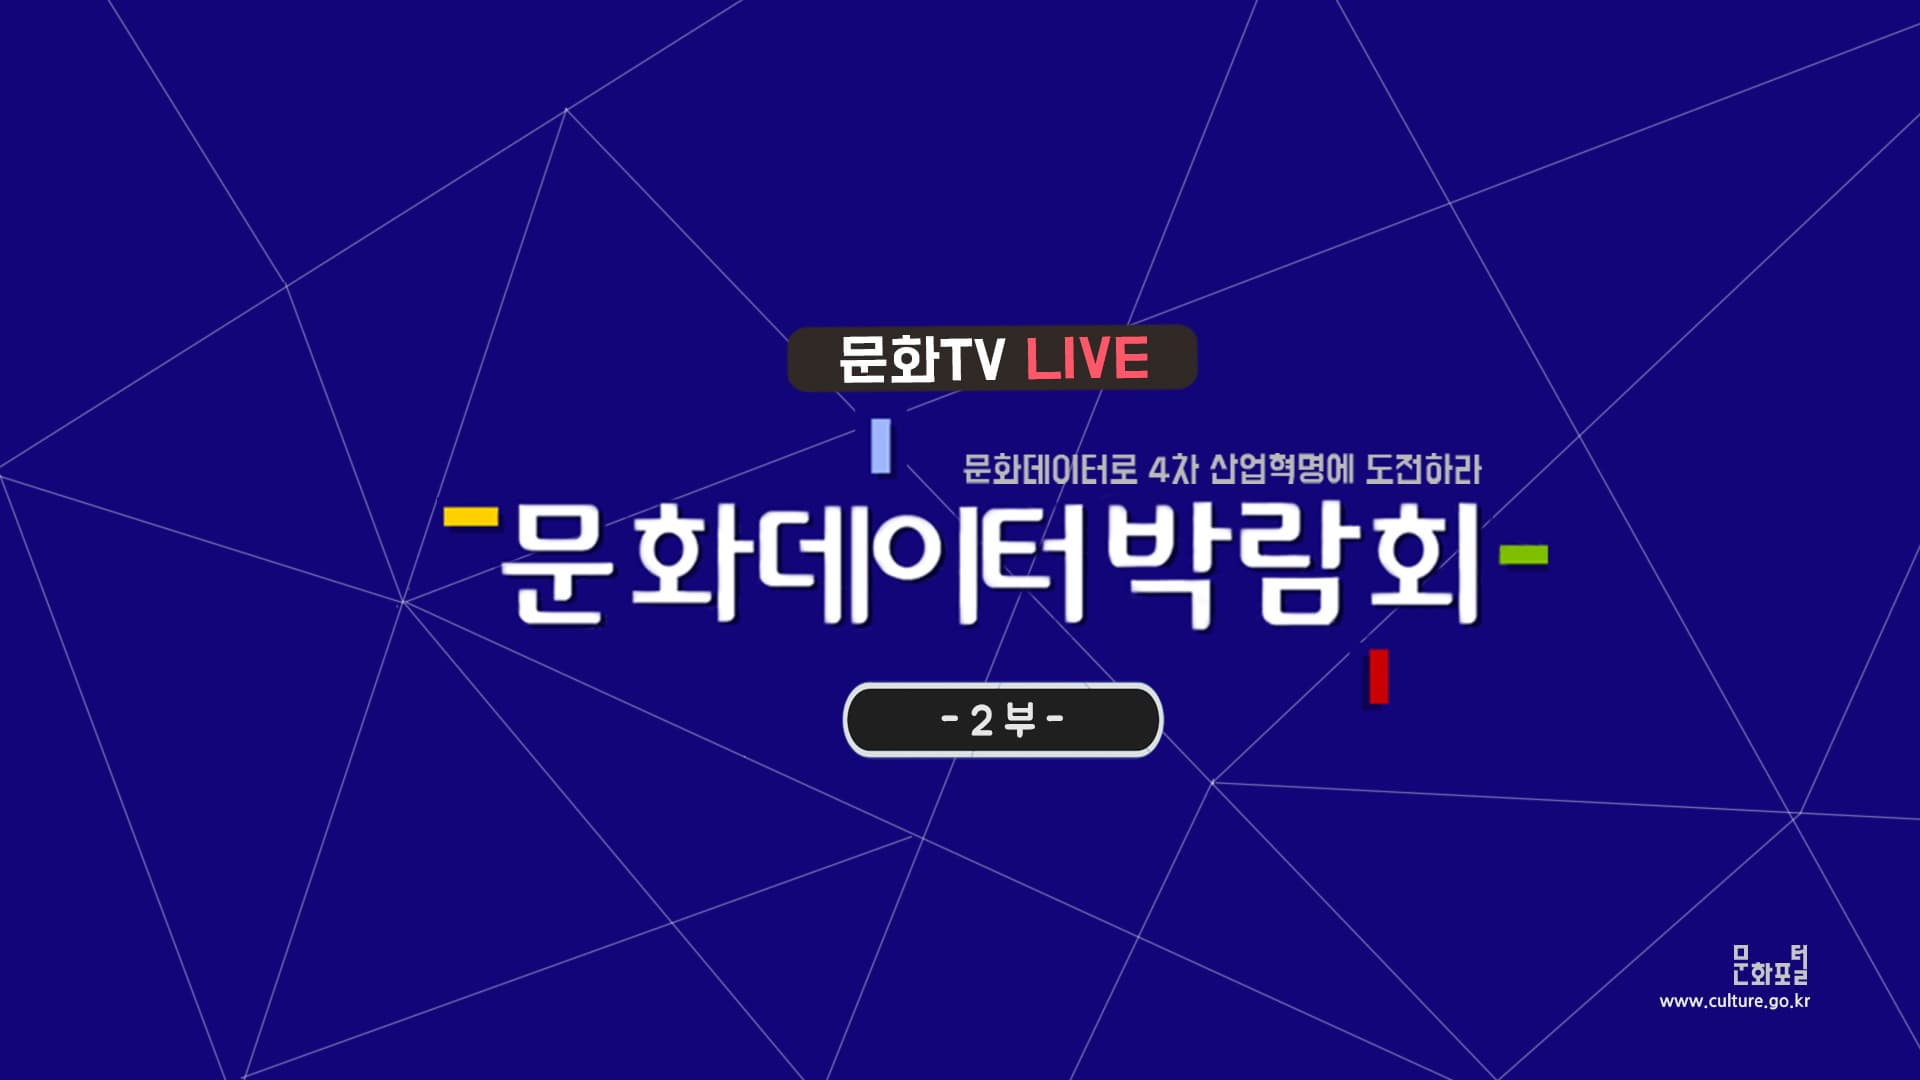 [문화TV] 한국문화정보원 '2017 문화데이터 박람회'-2부-